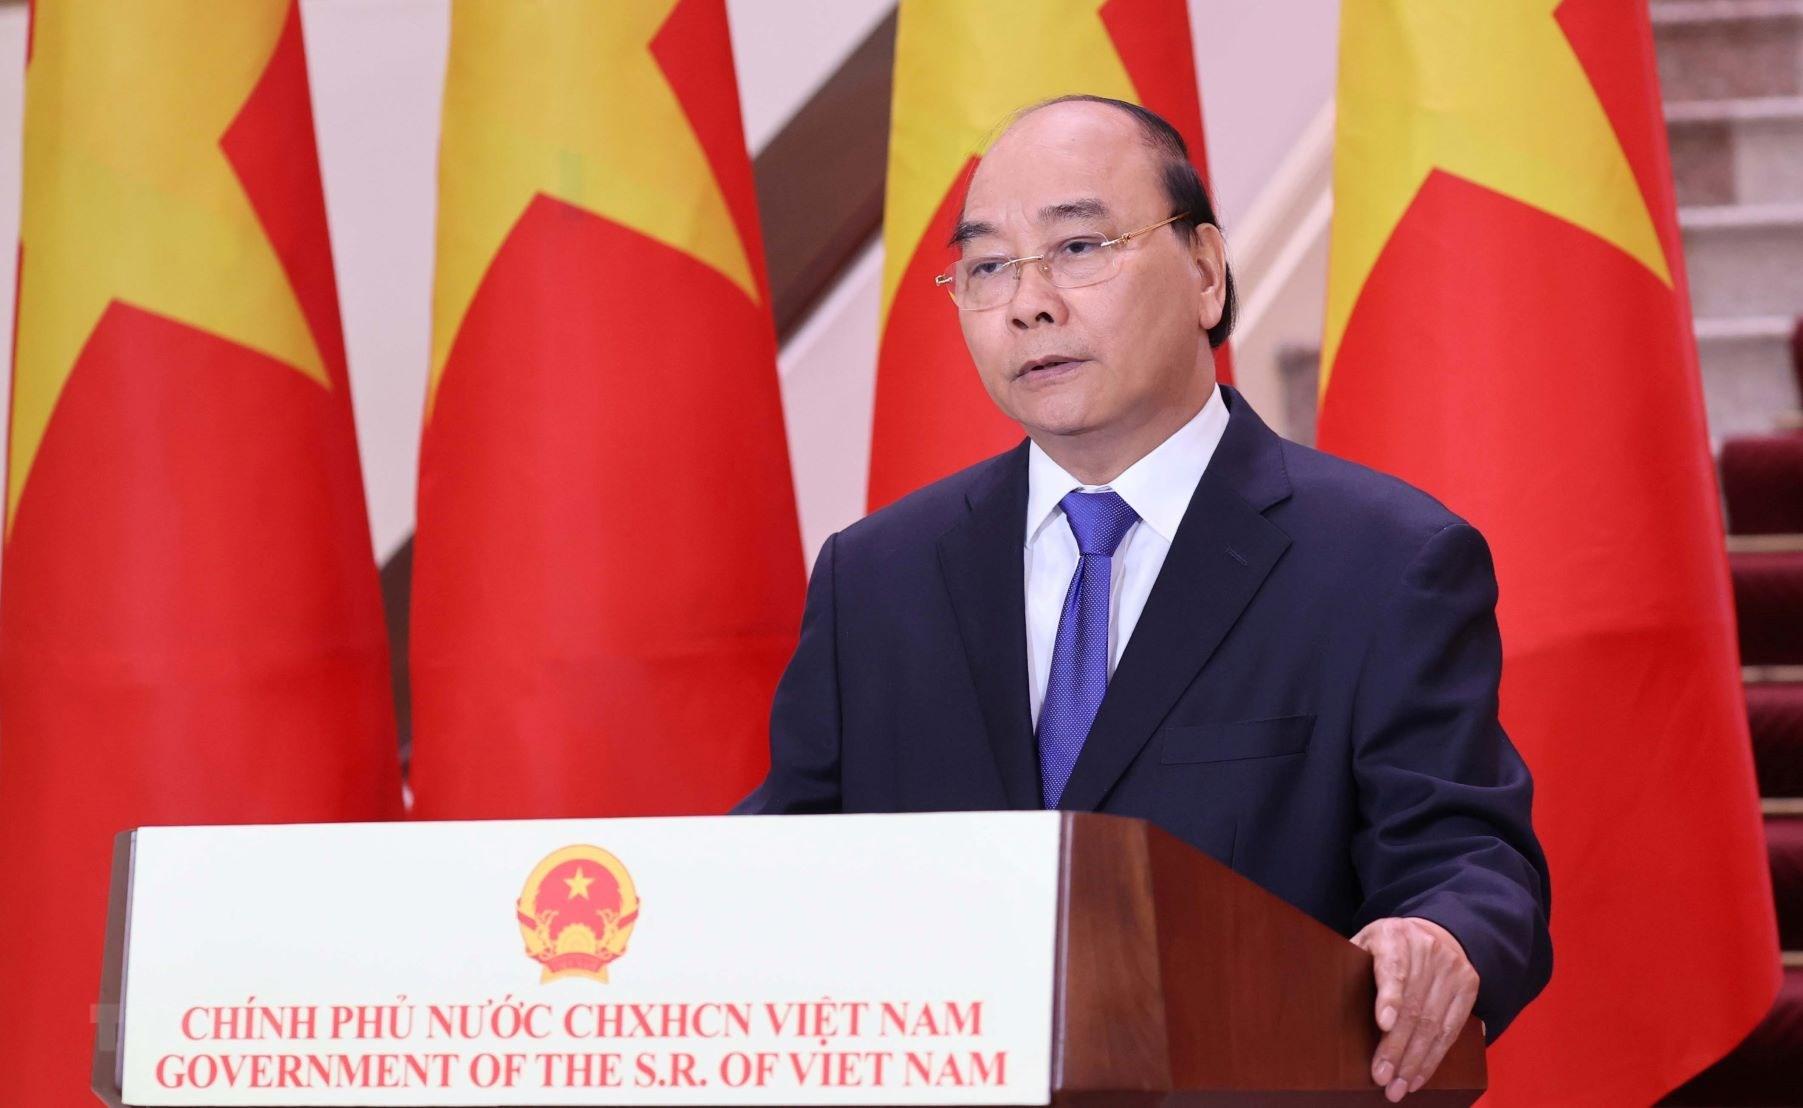 Khai mạc Trường Khoa học Việt Nam lần thứ 8 - 2020